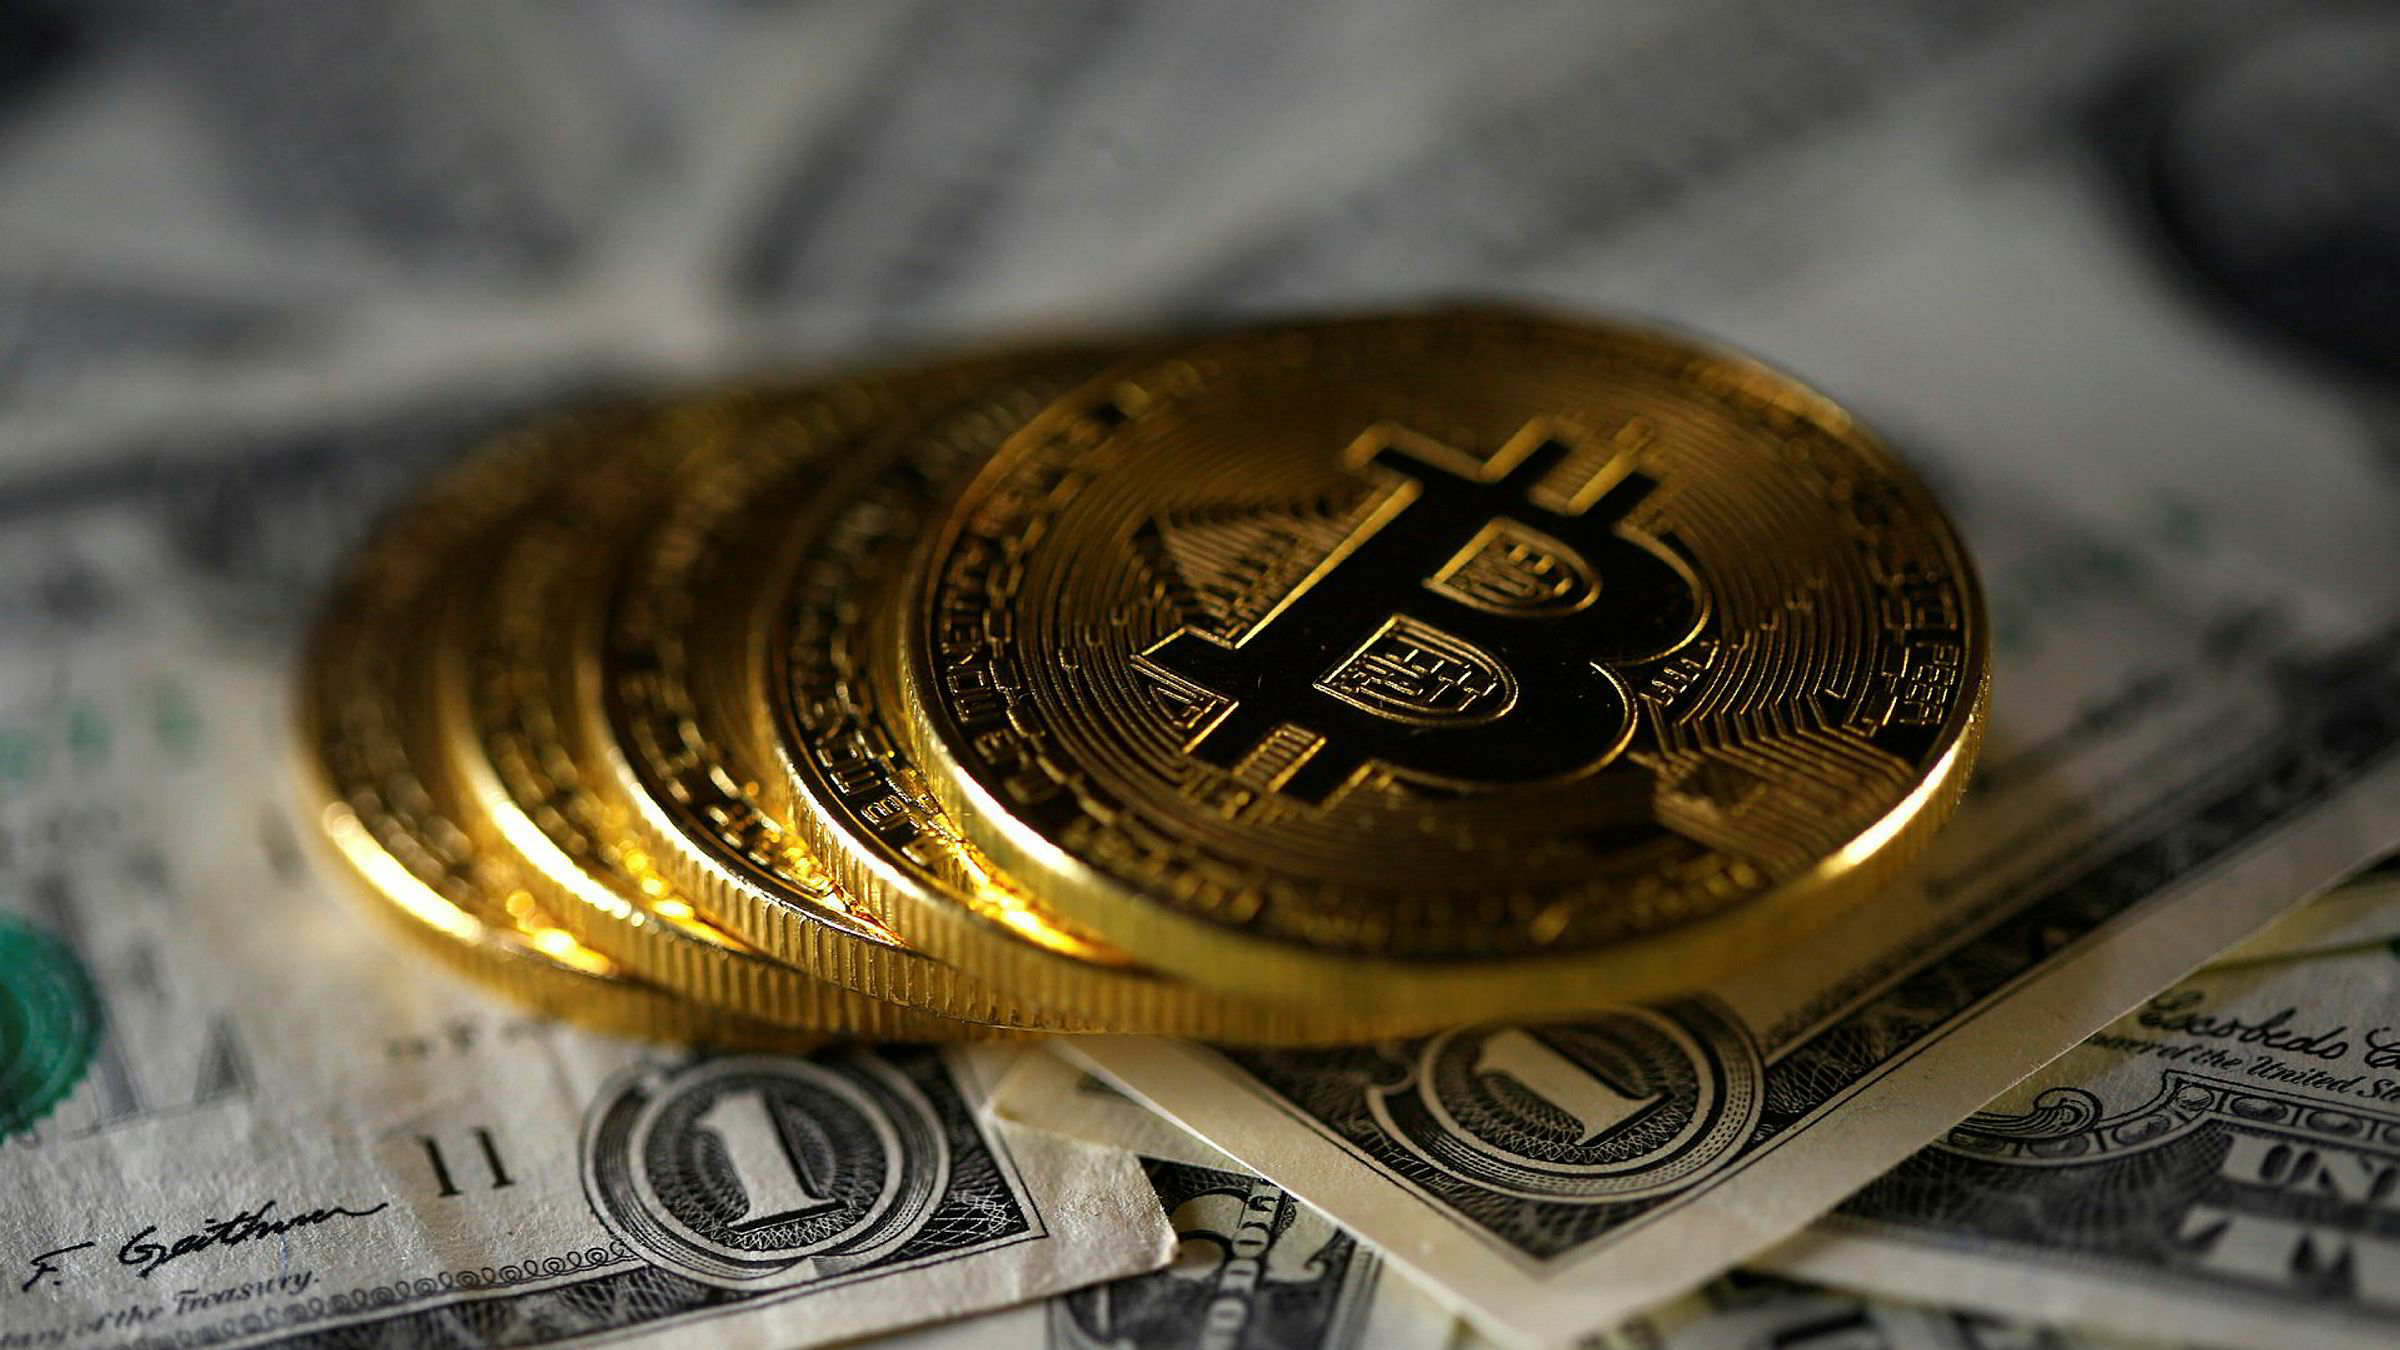 Bitcointilhengere har en merkelig fascinasjon for gull. De har fått det for seg at alt var bedre da pengemengden var gitt av sentralbankens gullbeholdning, skriver innleggsforfatteren.